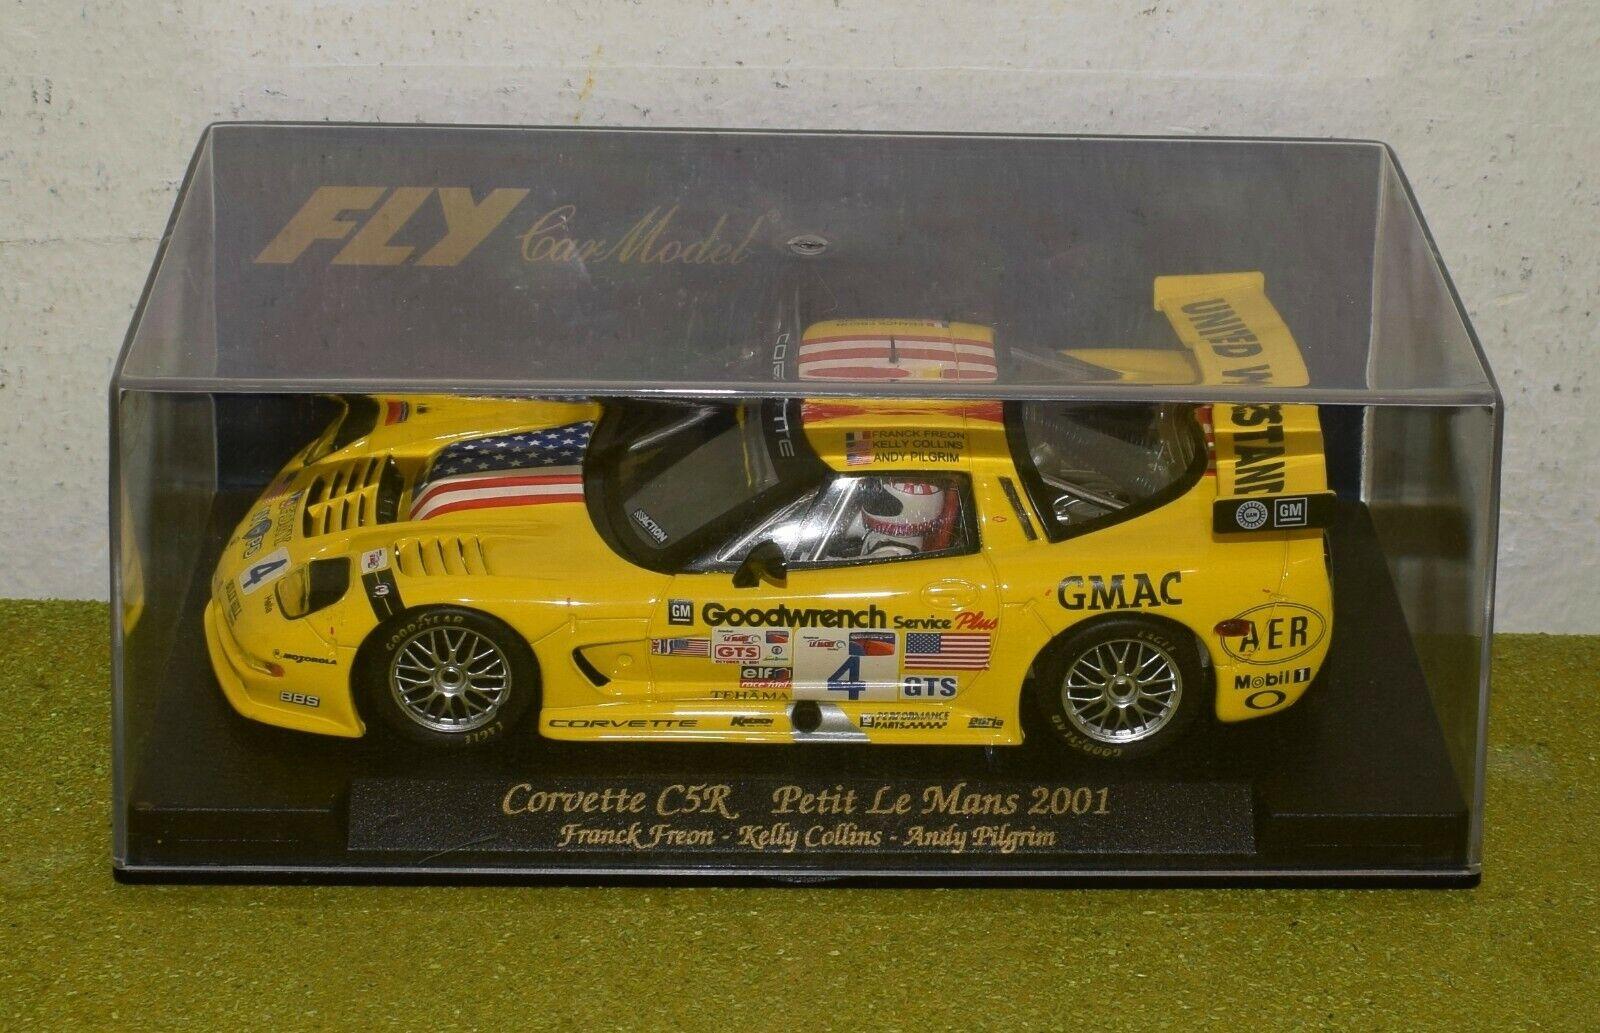 FLY REF A125 CORVETTE C5R PETIT LE MANS 2001 SLOT CAR